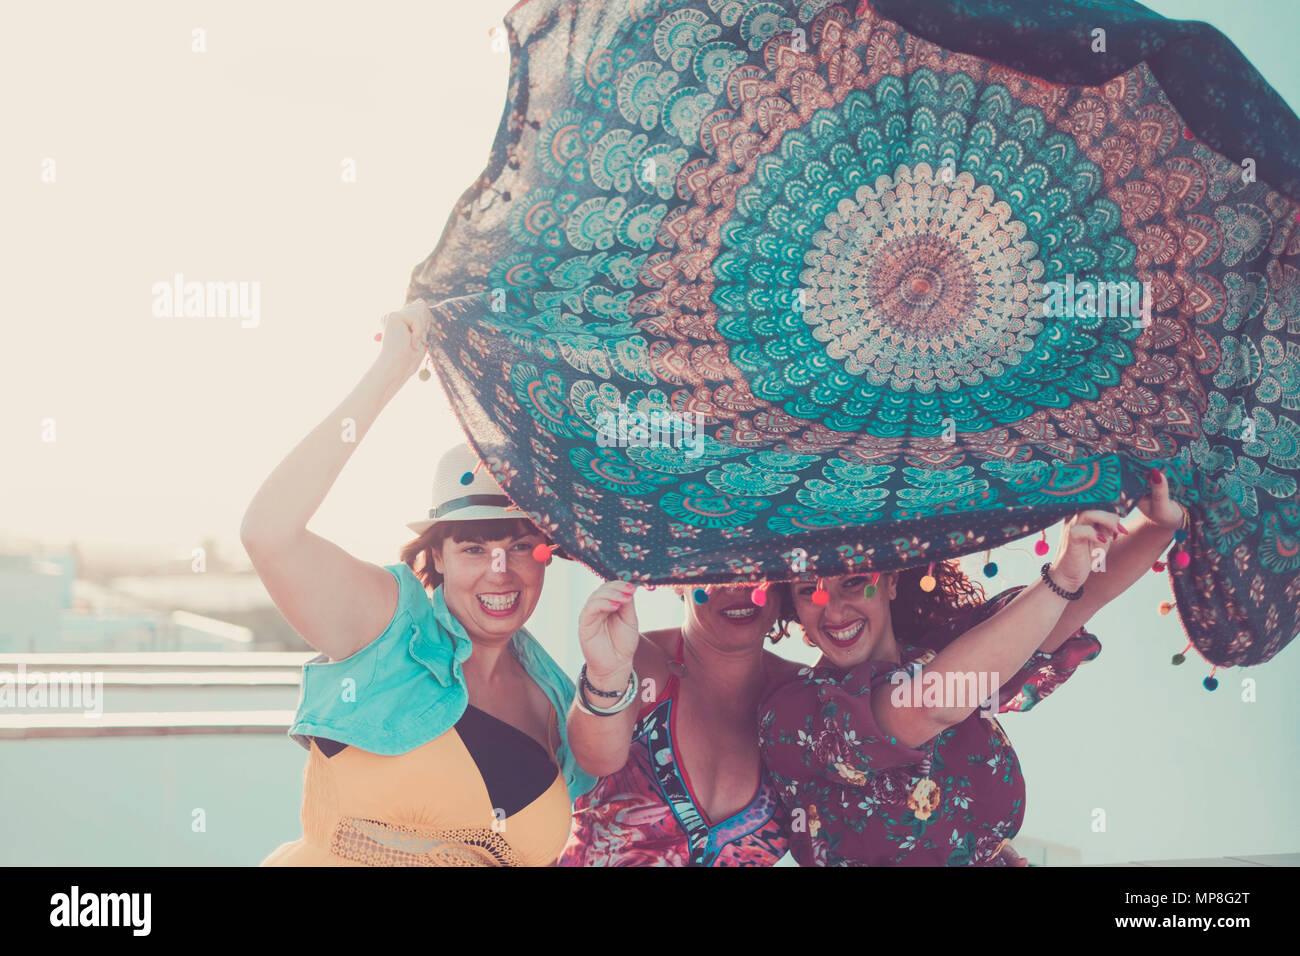 Tres jóvenes mujeres hermosas señoras toman un mandala textil por encima de la cabeza. jugando con el viento en la actividad al aire libre. Concepto de verano con sun backligh Imagen De Stock